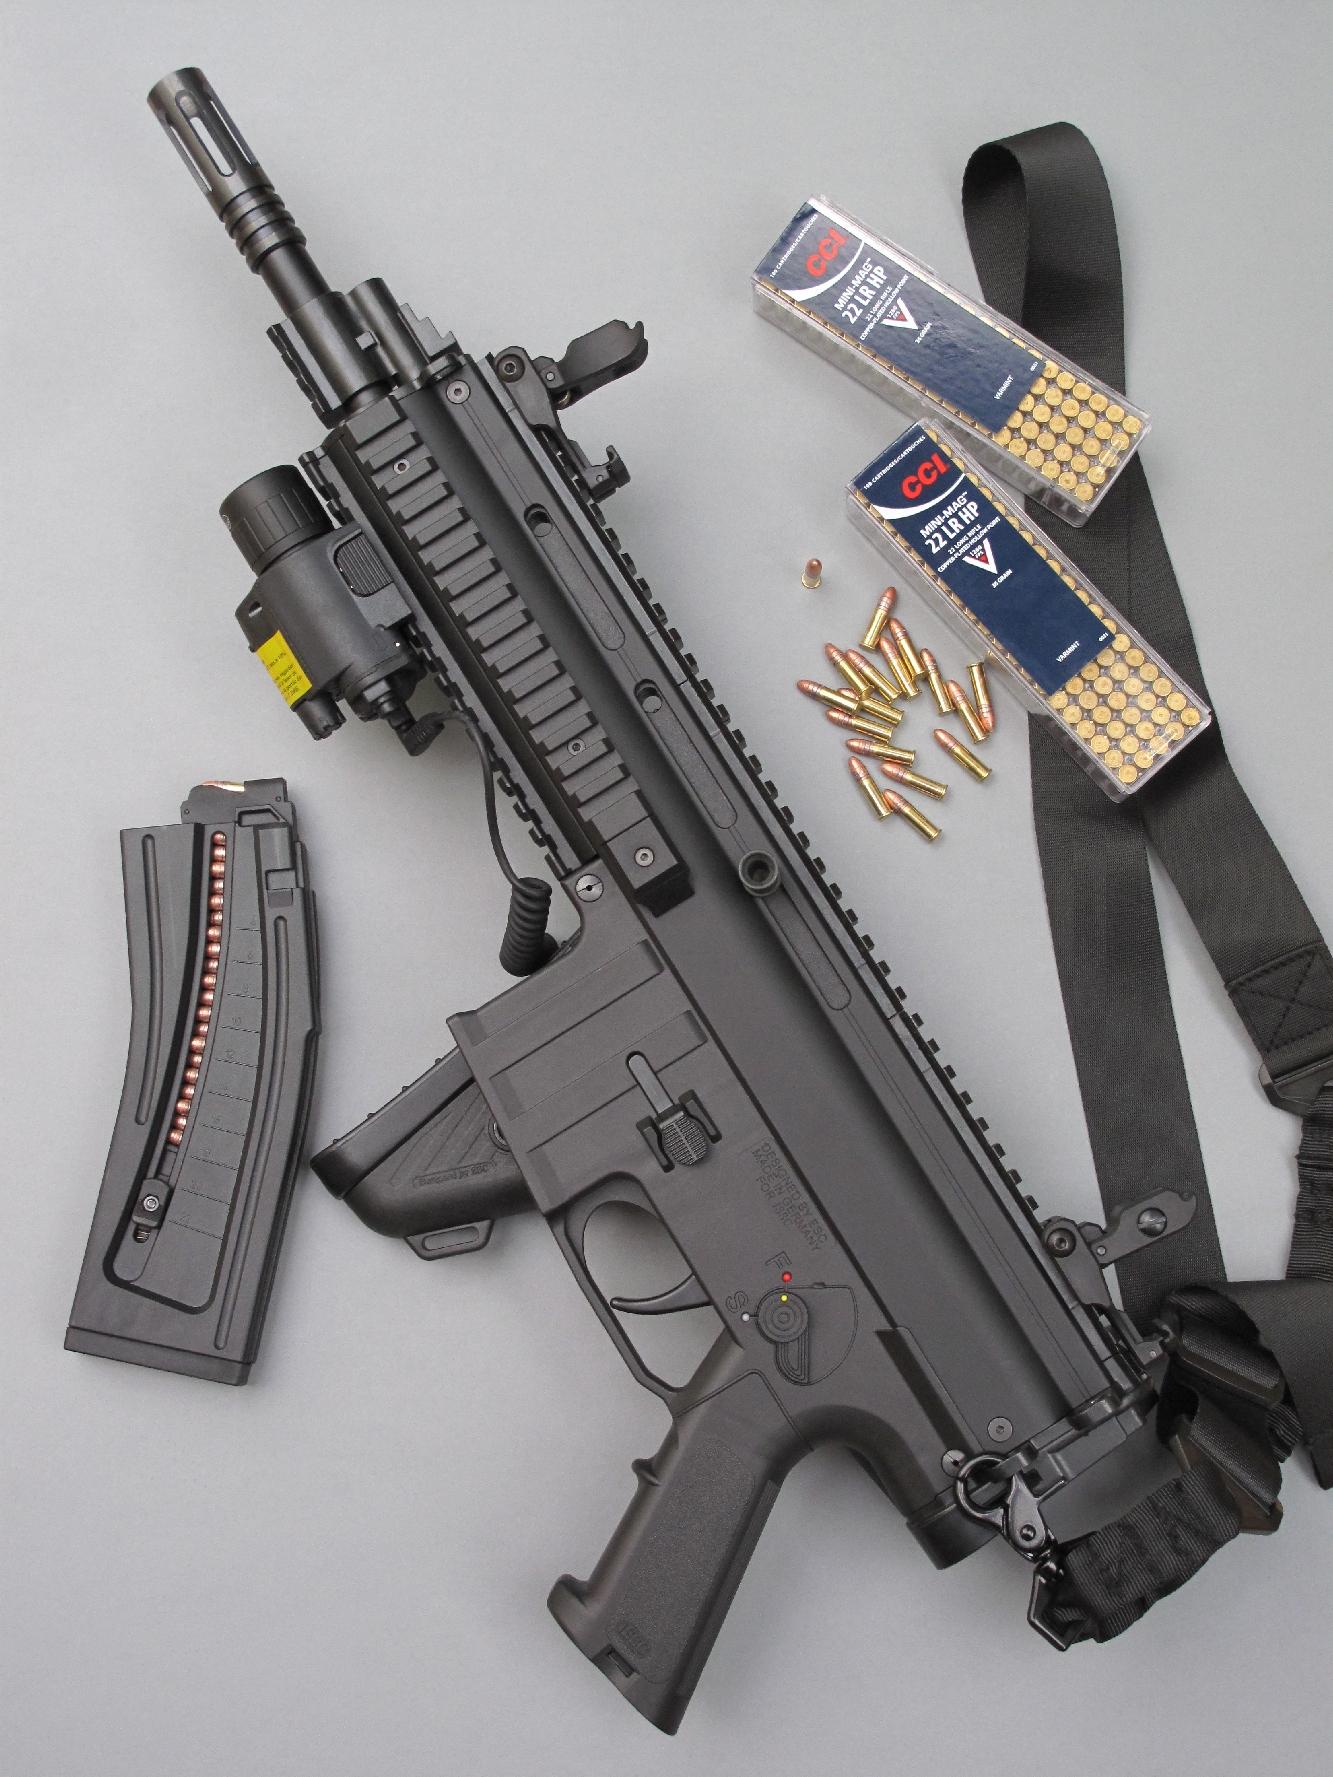 La carabine ISSC modèle MK22 Commando est équipée ici d'une bretelle à point d'accrochage unique et d'un accessoire tactique combiné RTI Optics regroupant lampe torche et désignateur laser. Elle est accompagnée par son chargeur de 22 coups et par deux boîtes de munitions de calibre .22 Long Rifle CCI Mini-Mag.